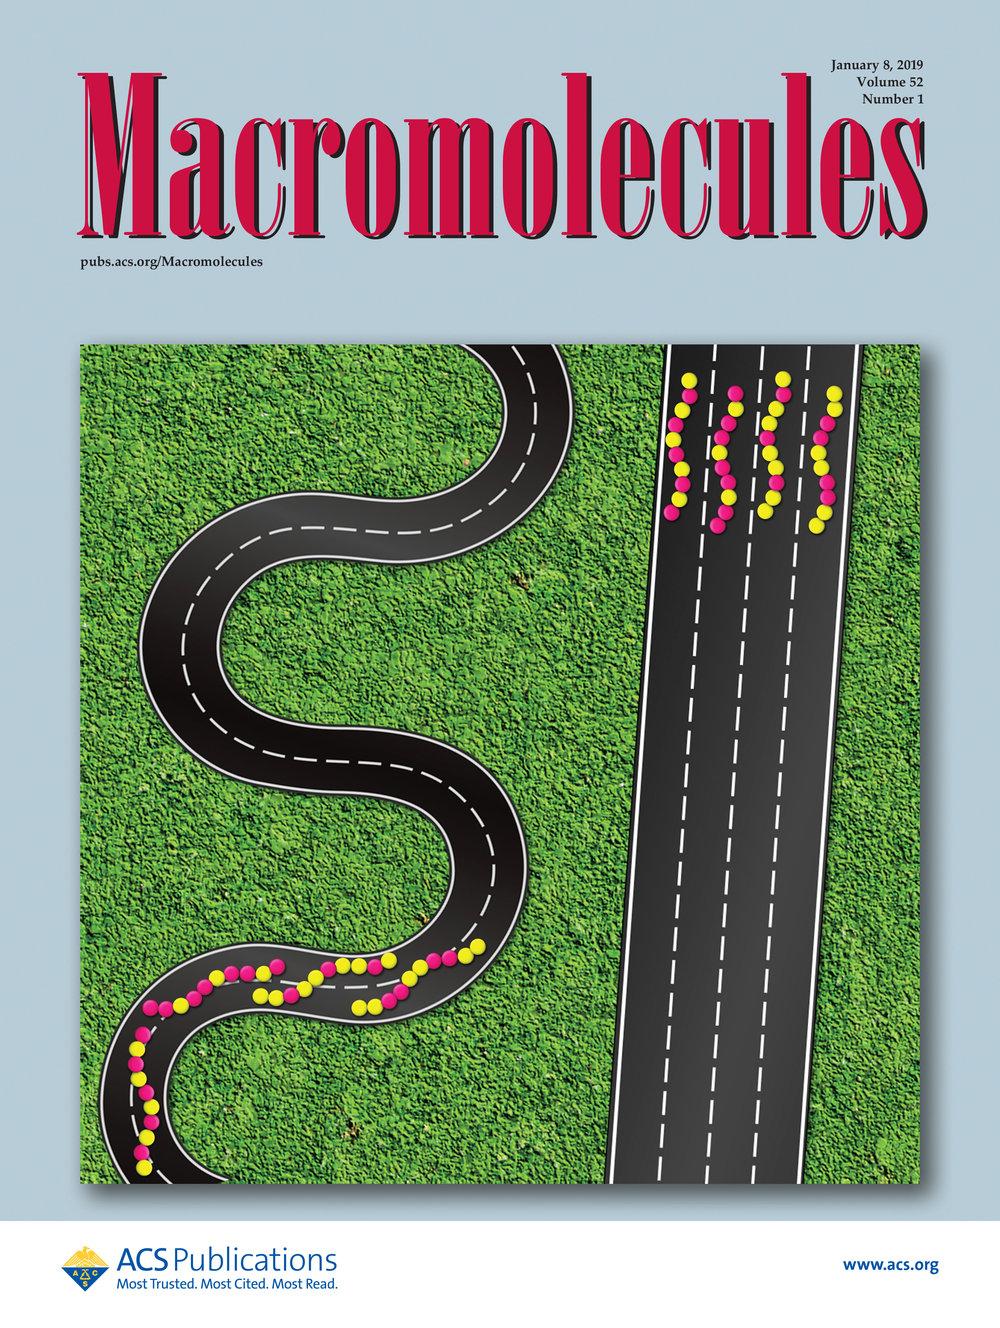 Macromolecules cover.jpg